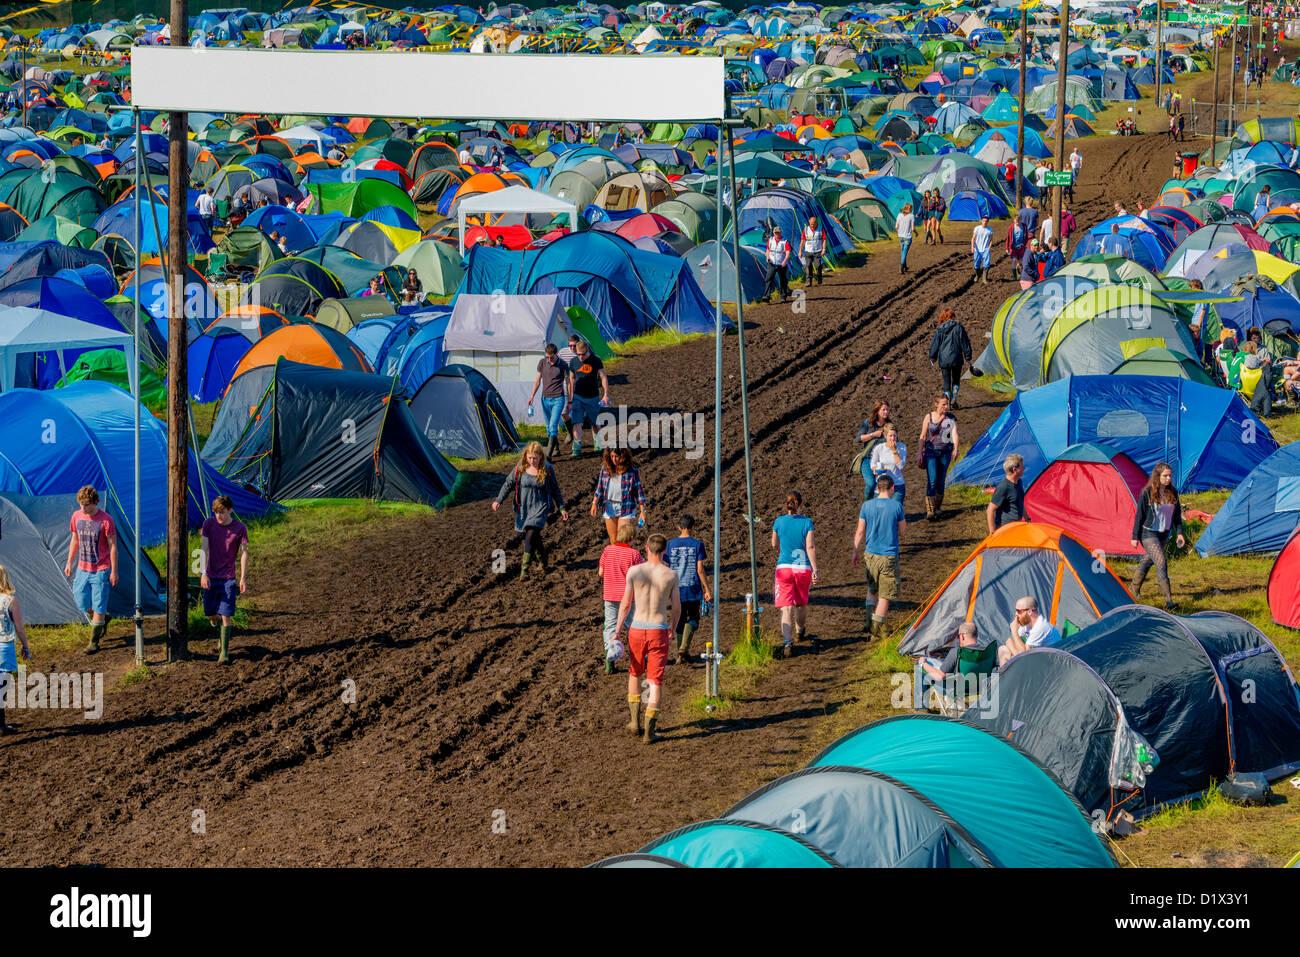 Tiendas de campaña en un campamento en Music Festival, Inglaterra. Imagen De Stock